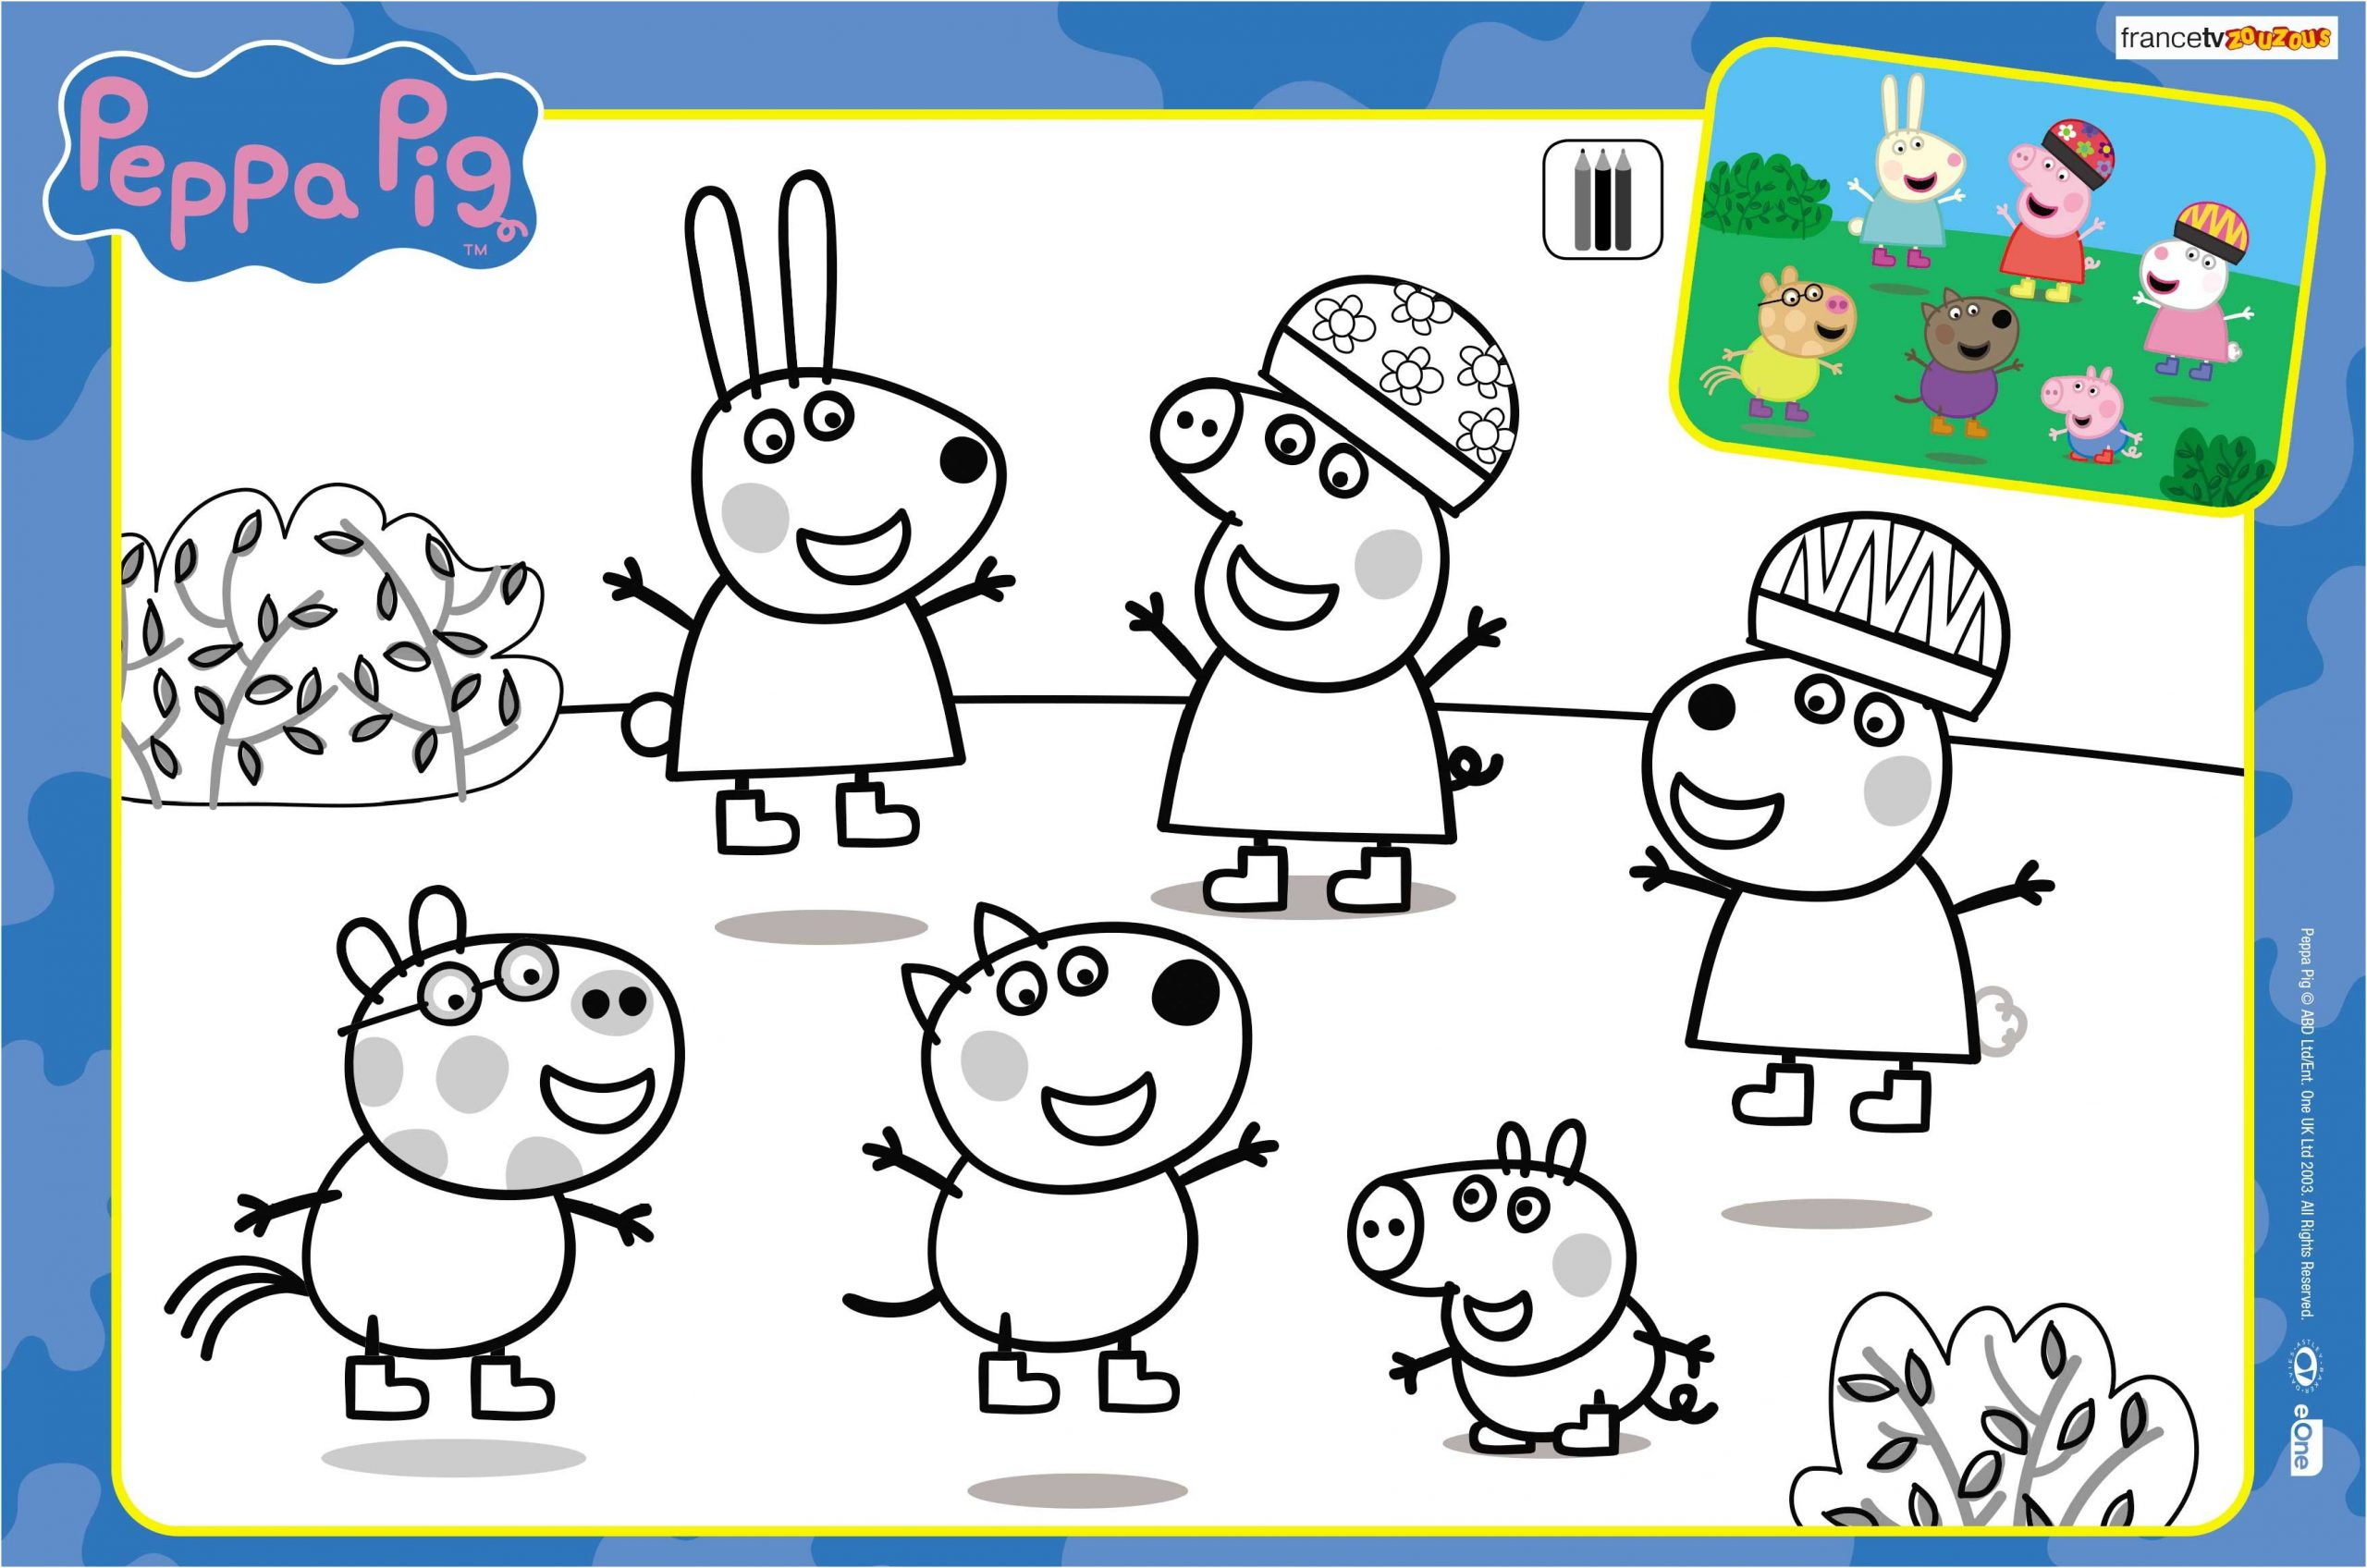 Les Coloriages De Peppa Pig #coloriagepeppa | Livre De tout Peppa Pig A Colorier